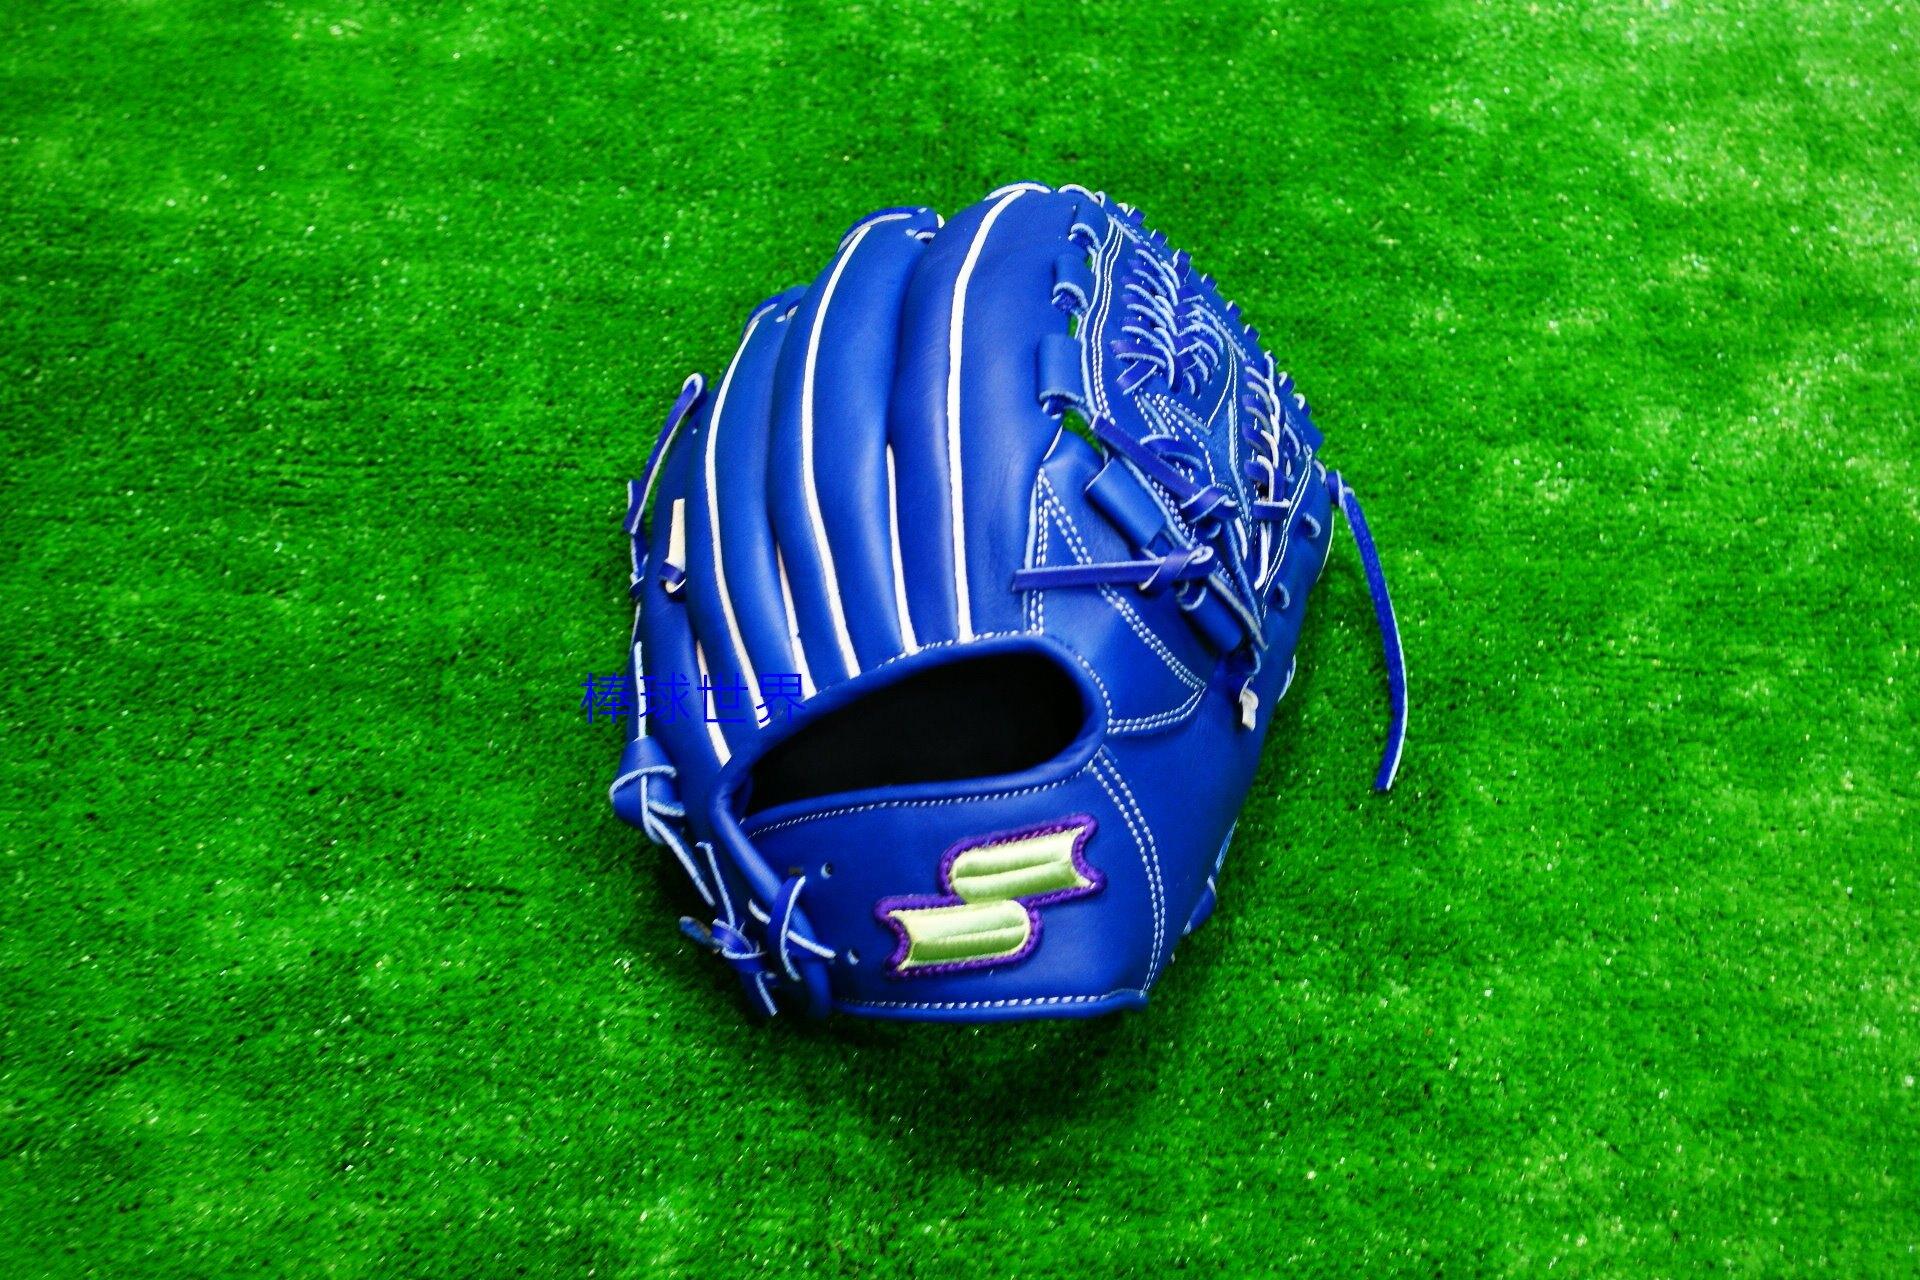 棒球世界全新18年【SSK】 硬式牛皮棒球手套 - DWG577C 特價 藍色內野網狀 12吋 全牛皮 特價2680 加手套袋